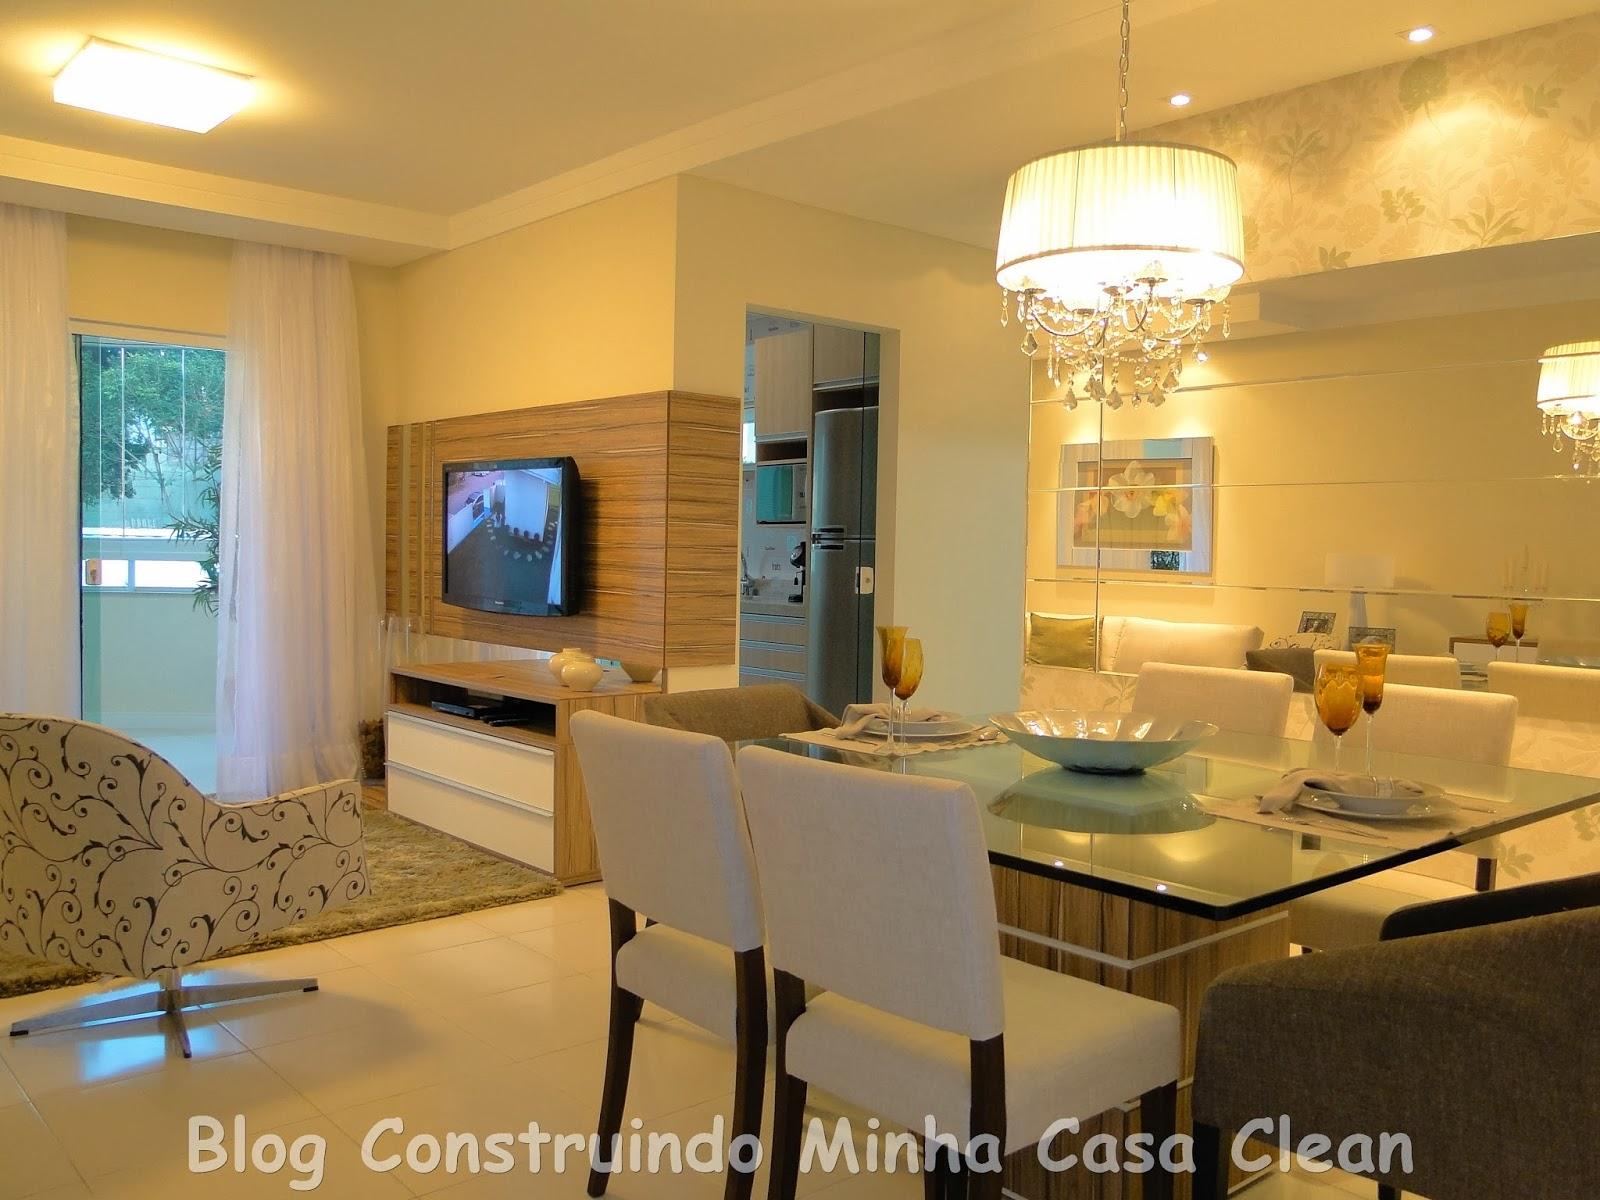 Construindo Minha Casa Clean: Como Decorar a Sala de Jantar? #B27C19 1600 1200